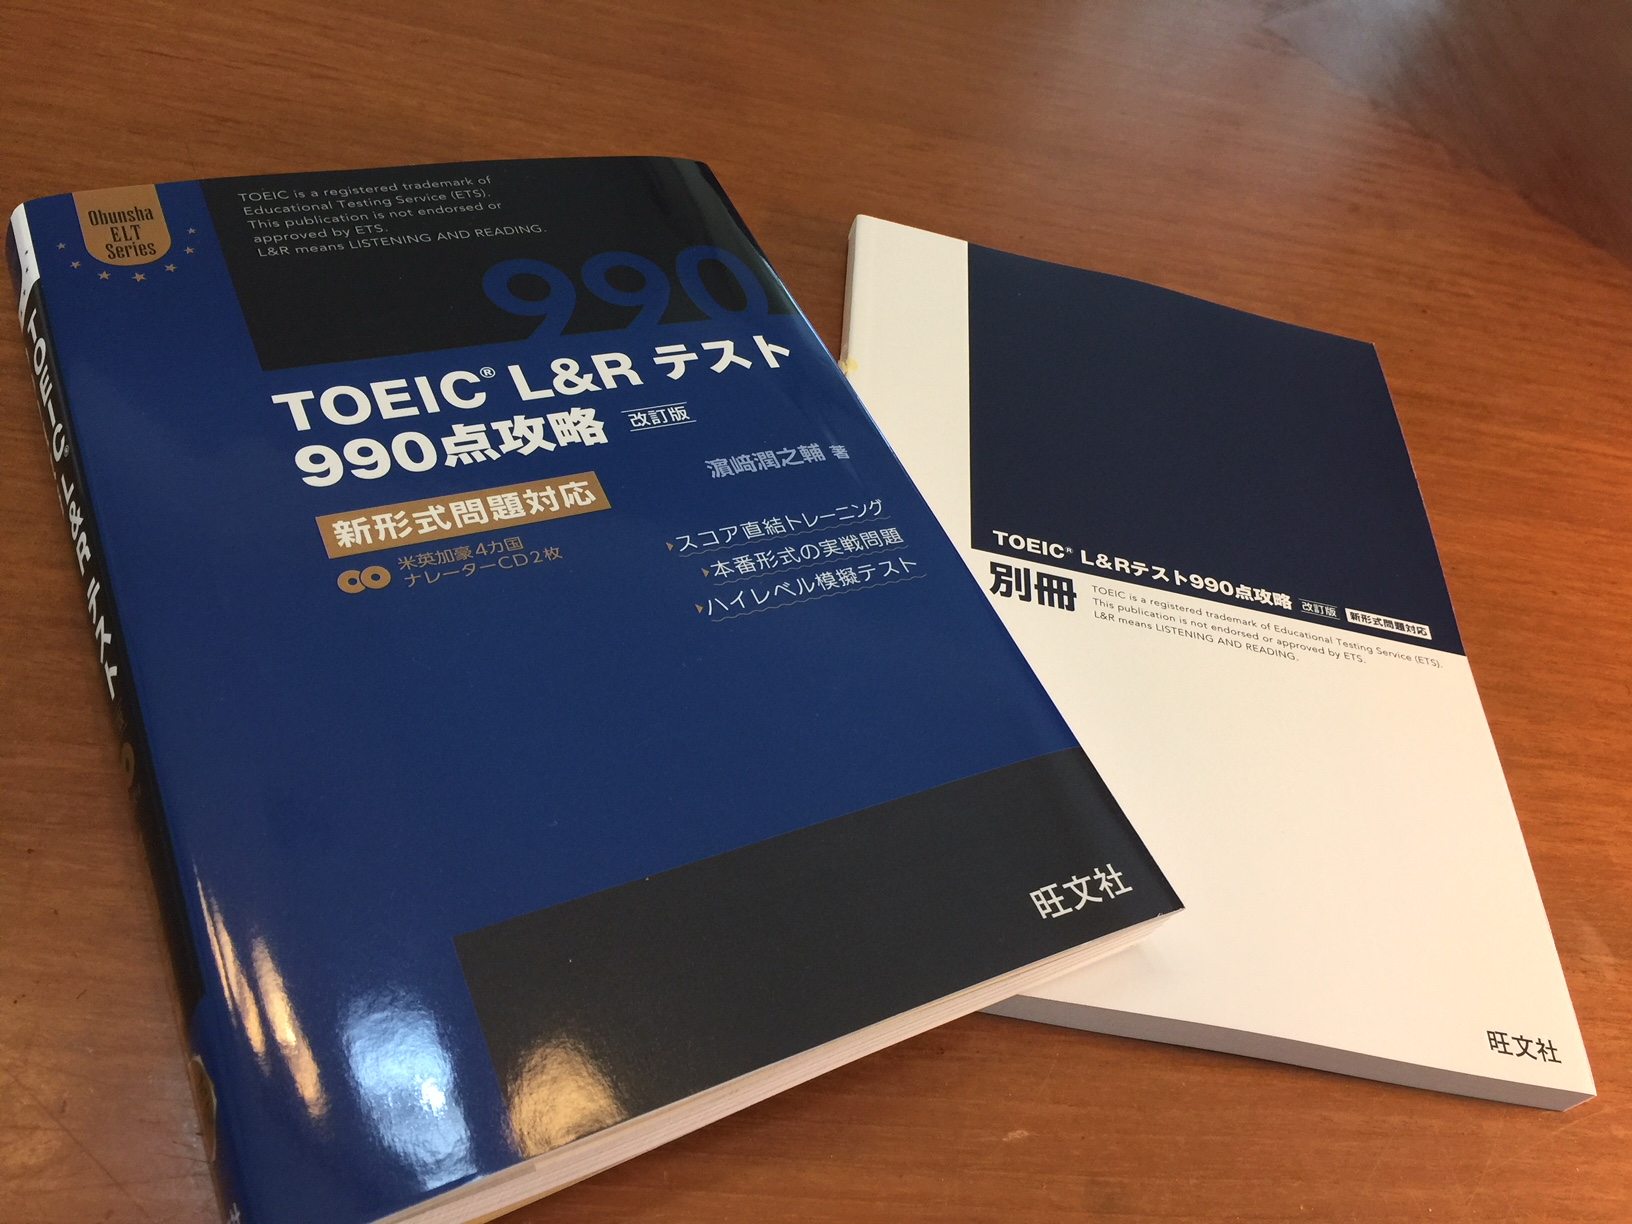 「TOEIC L&R テスト 990点攻略」の感想・レビュー①